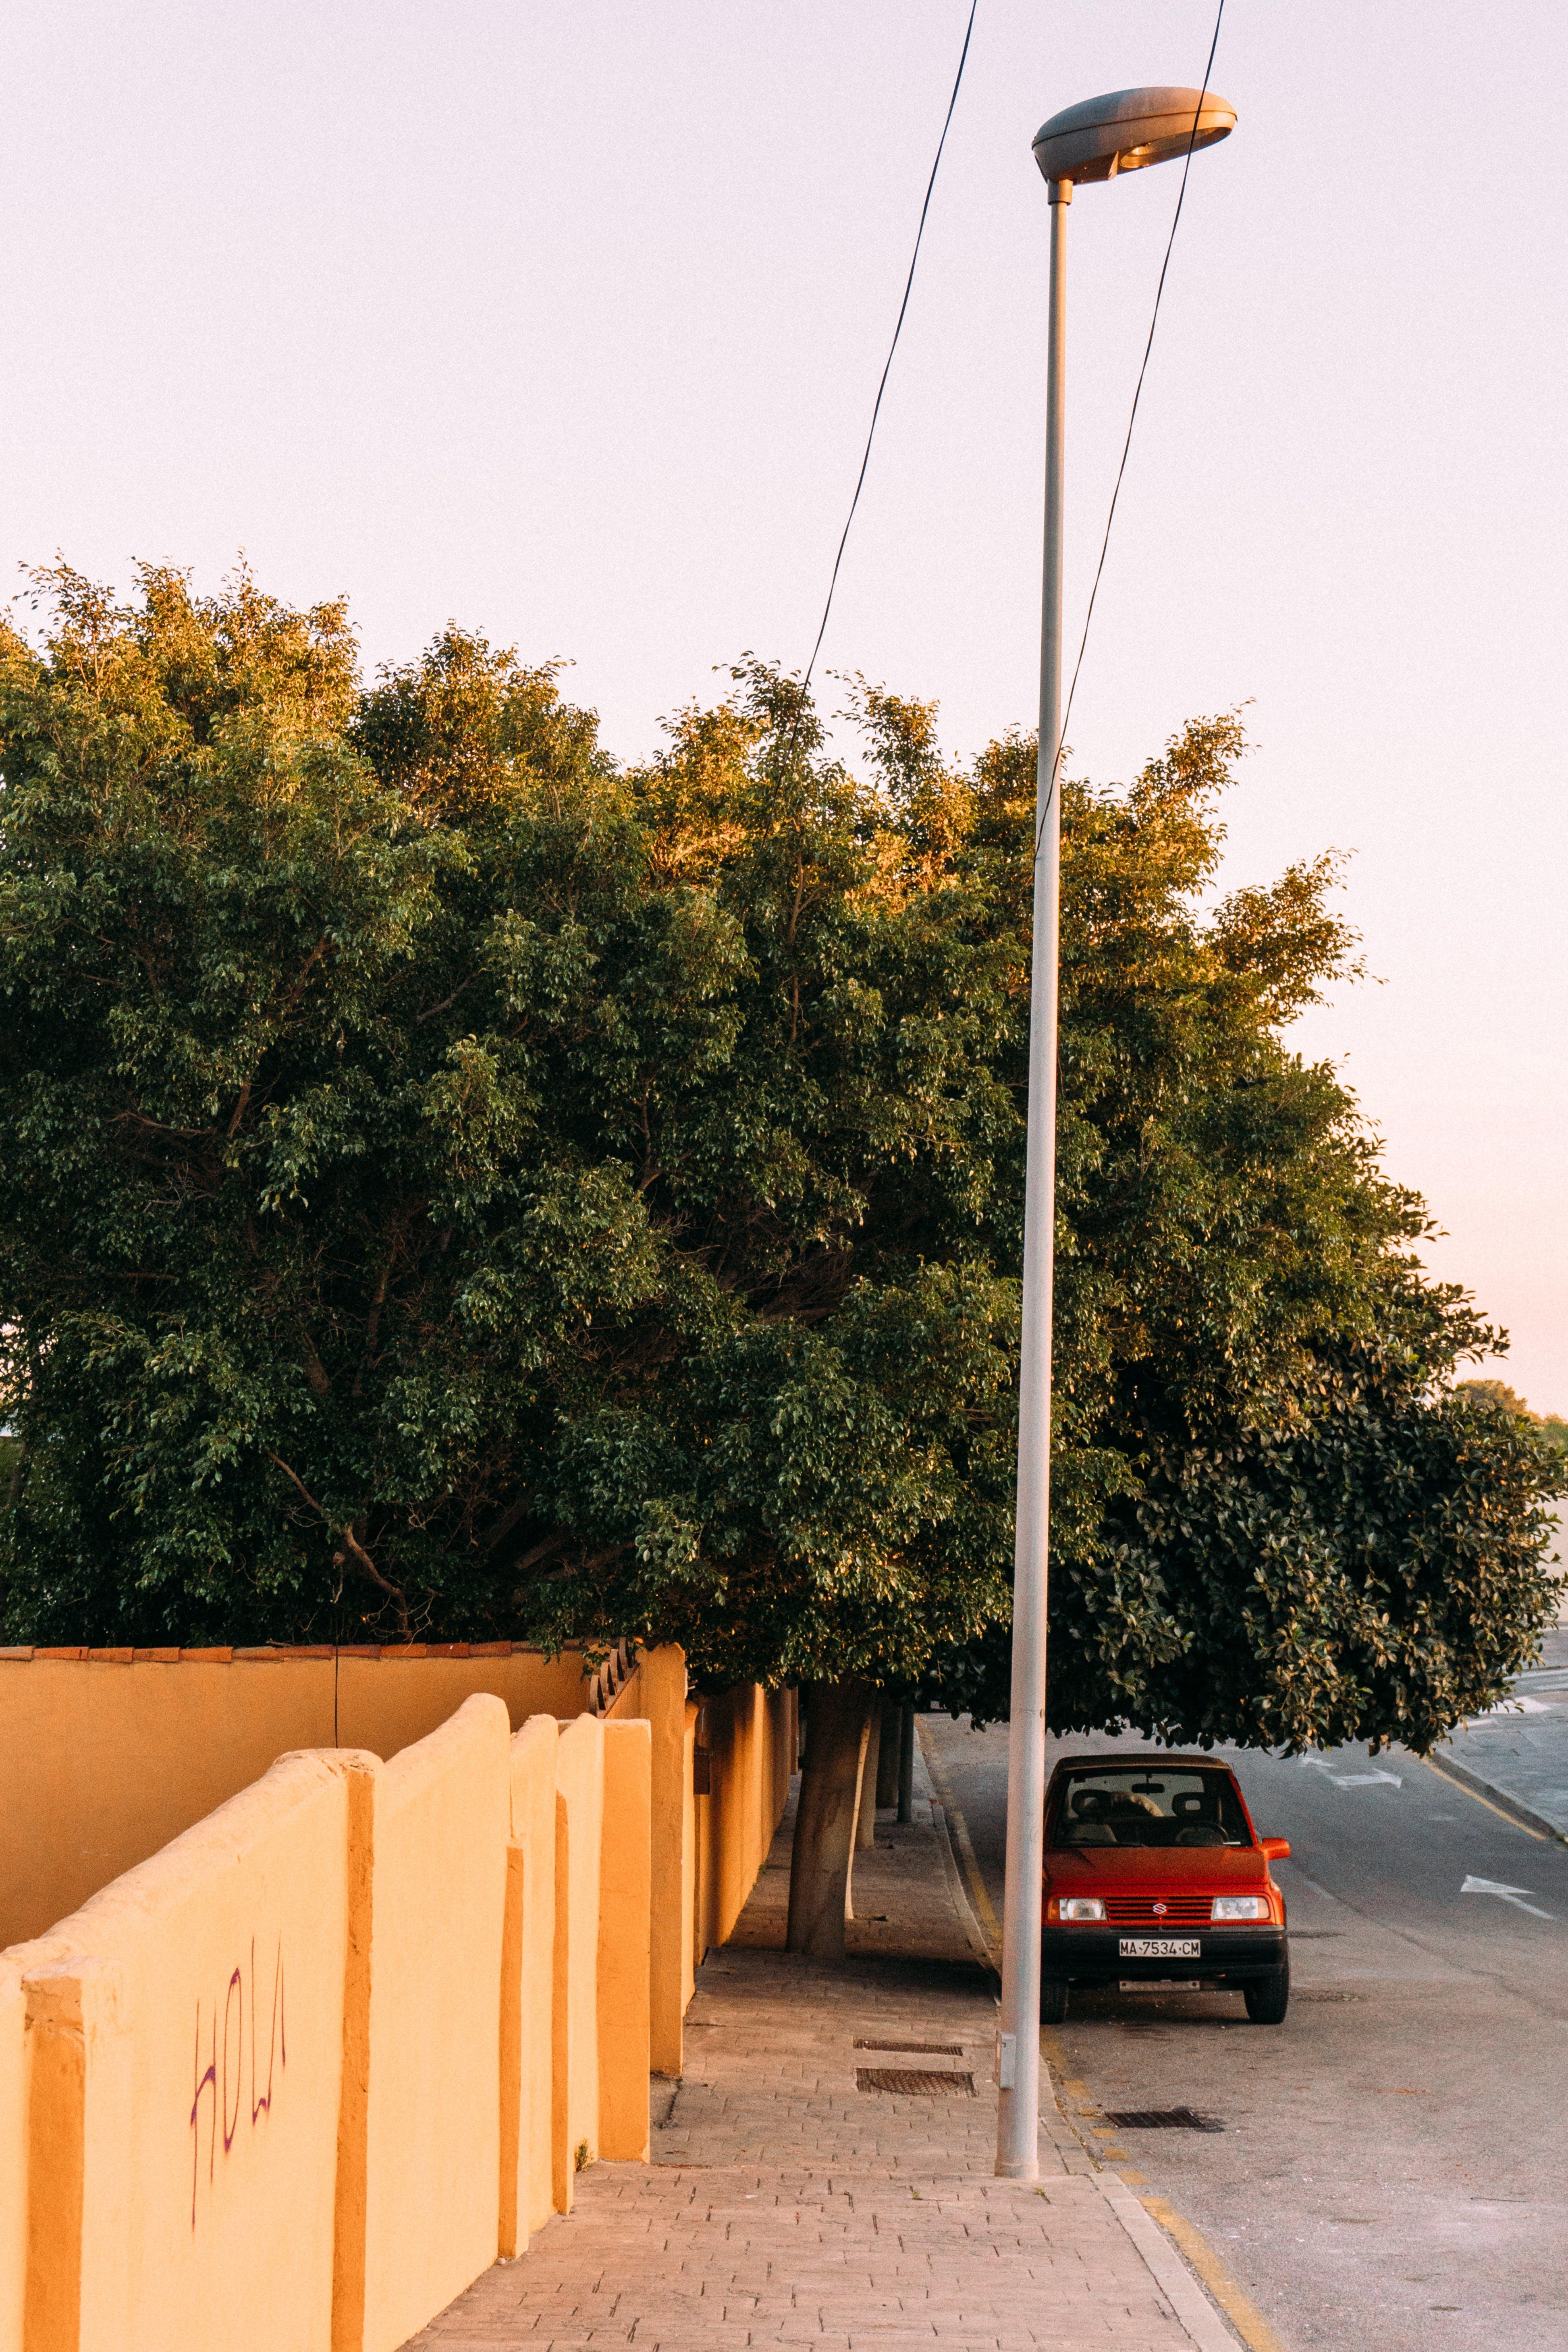 Foto profissional grátis de árvore, automóvel, estrada, poste de iluminação